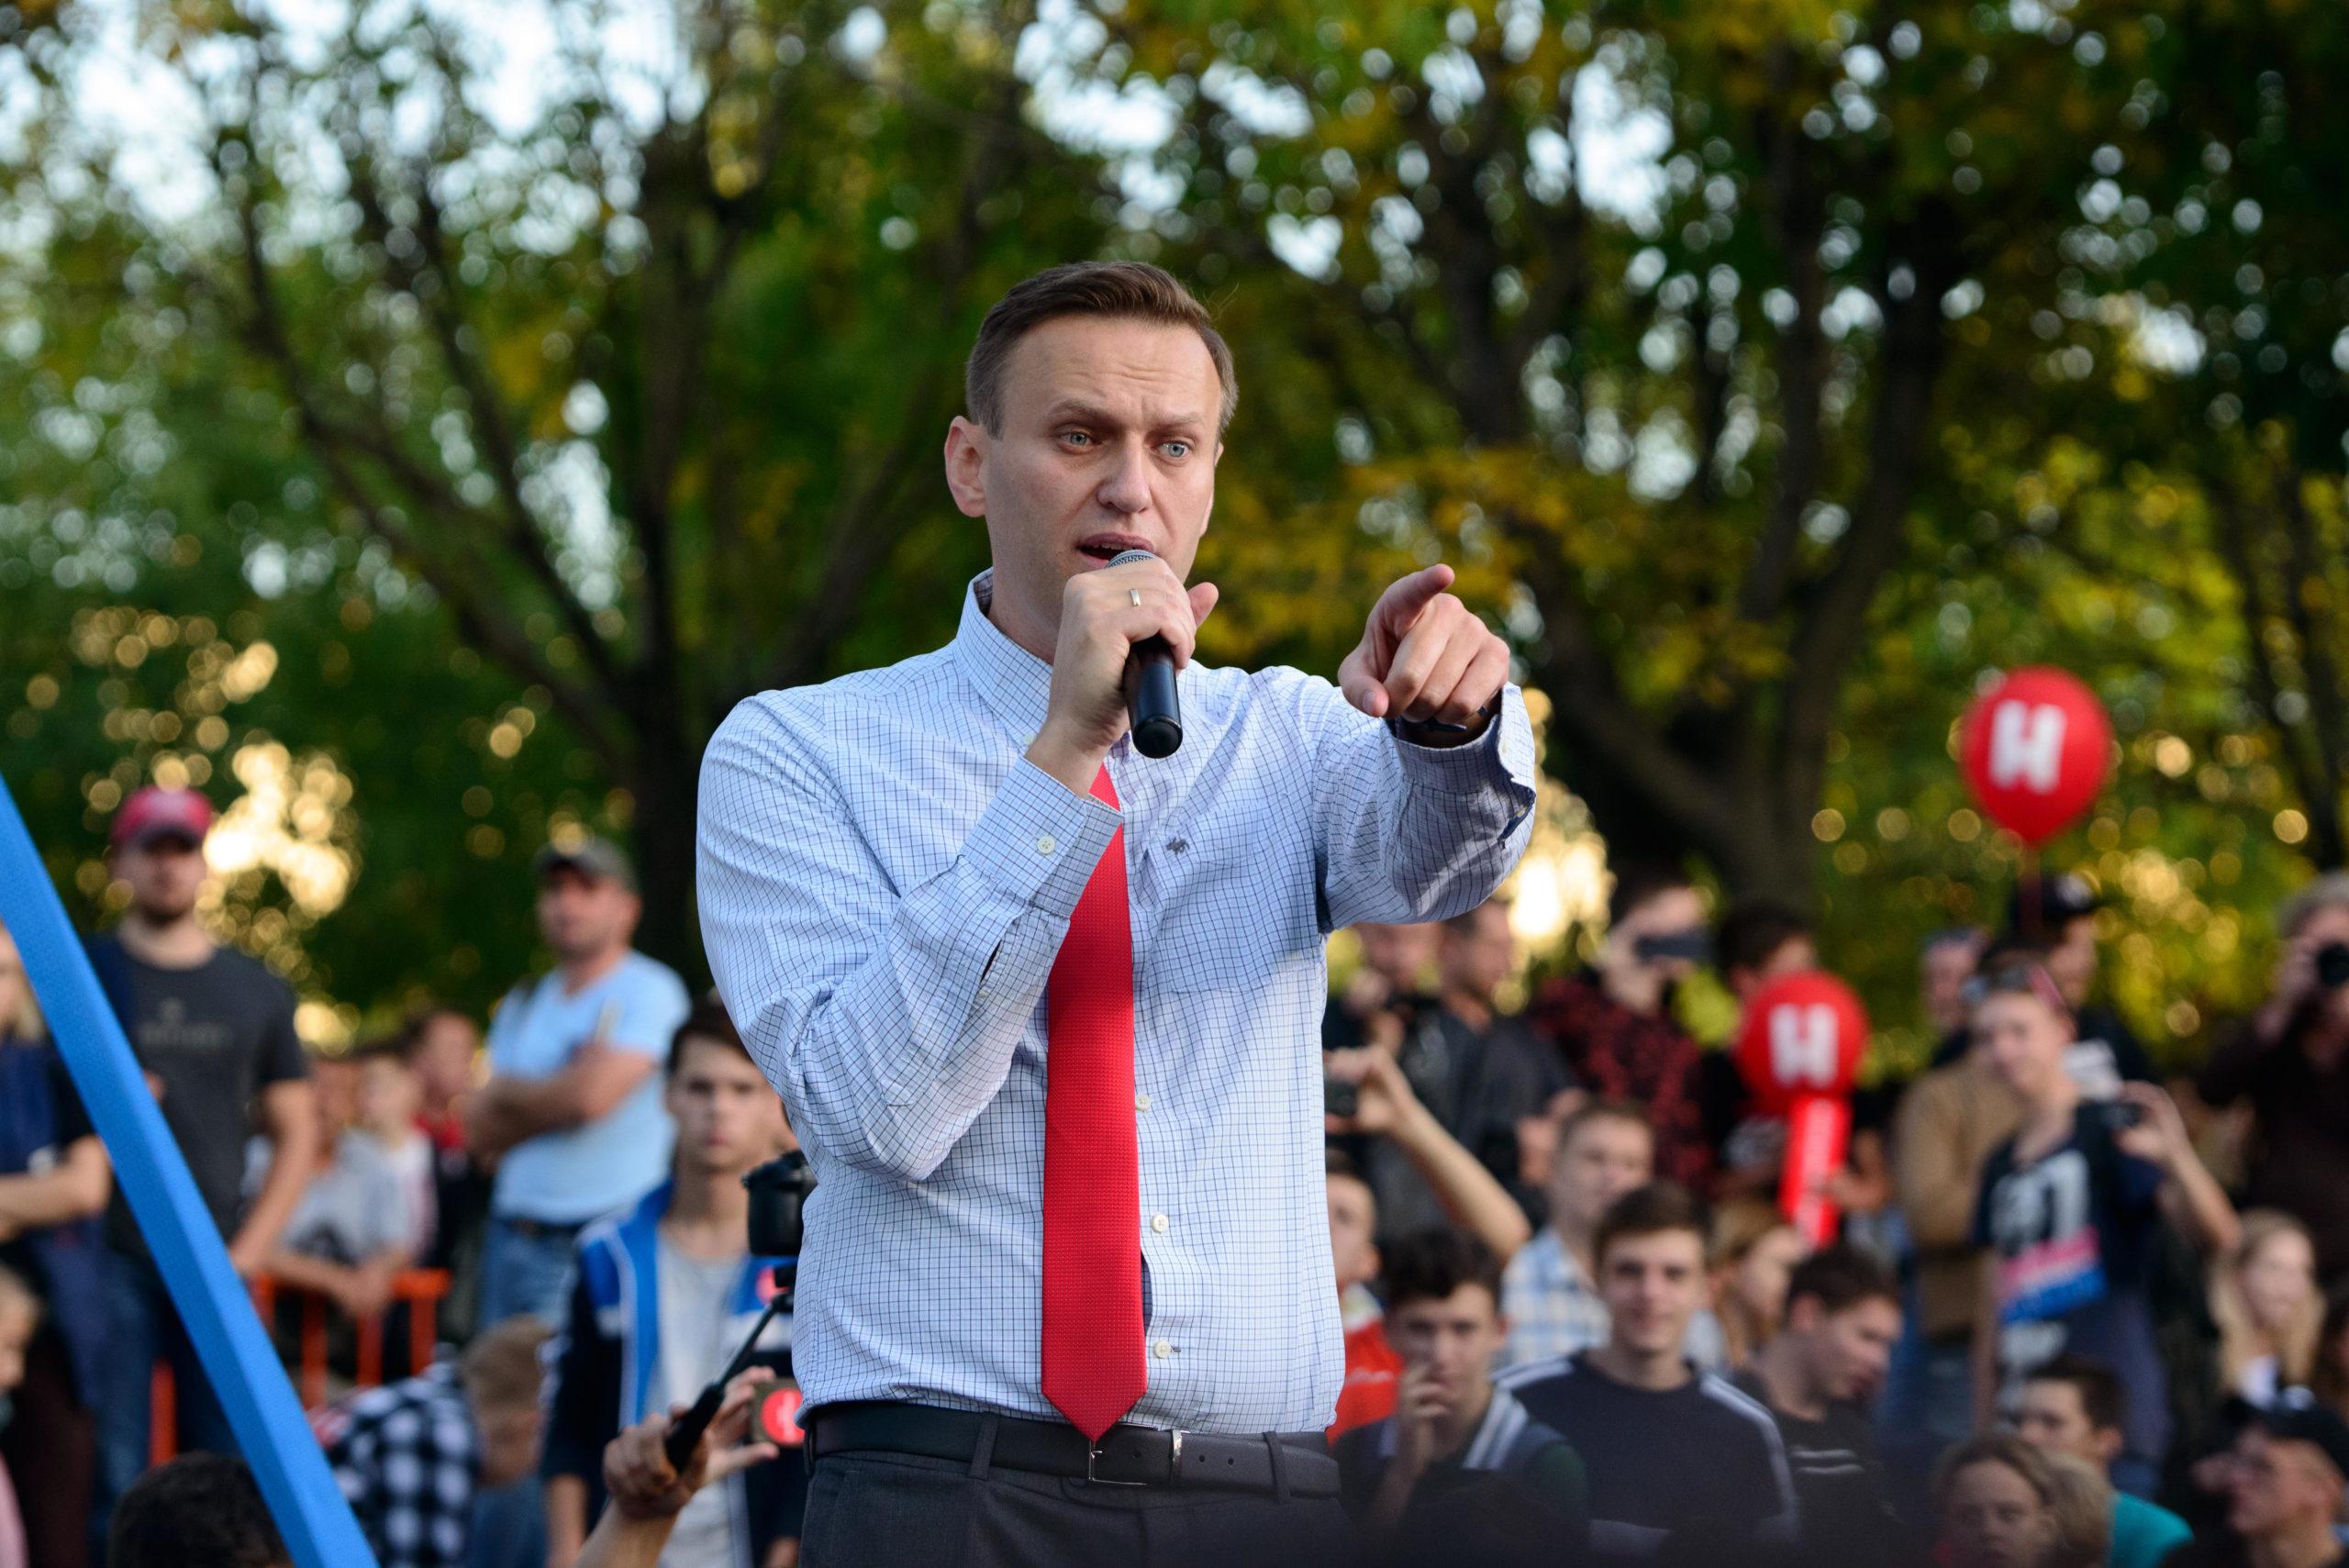 «Сейчас я парень, у которого дрожат ноги»: Алексей Навальный рассказал, как проходит его восстановление после комы